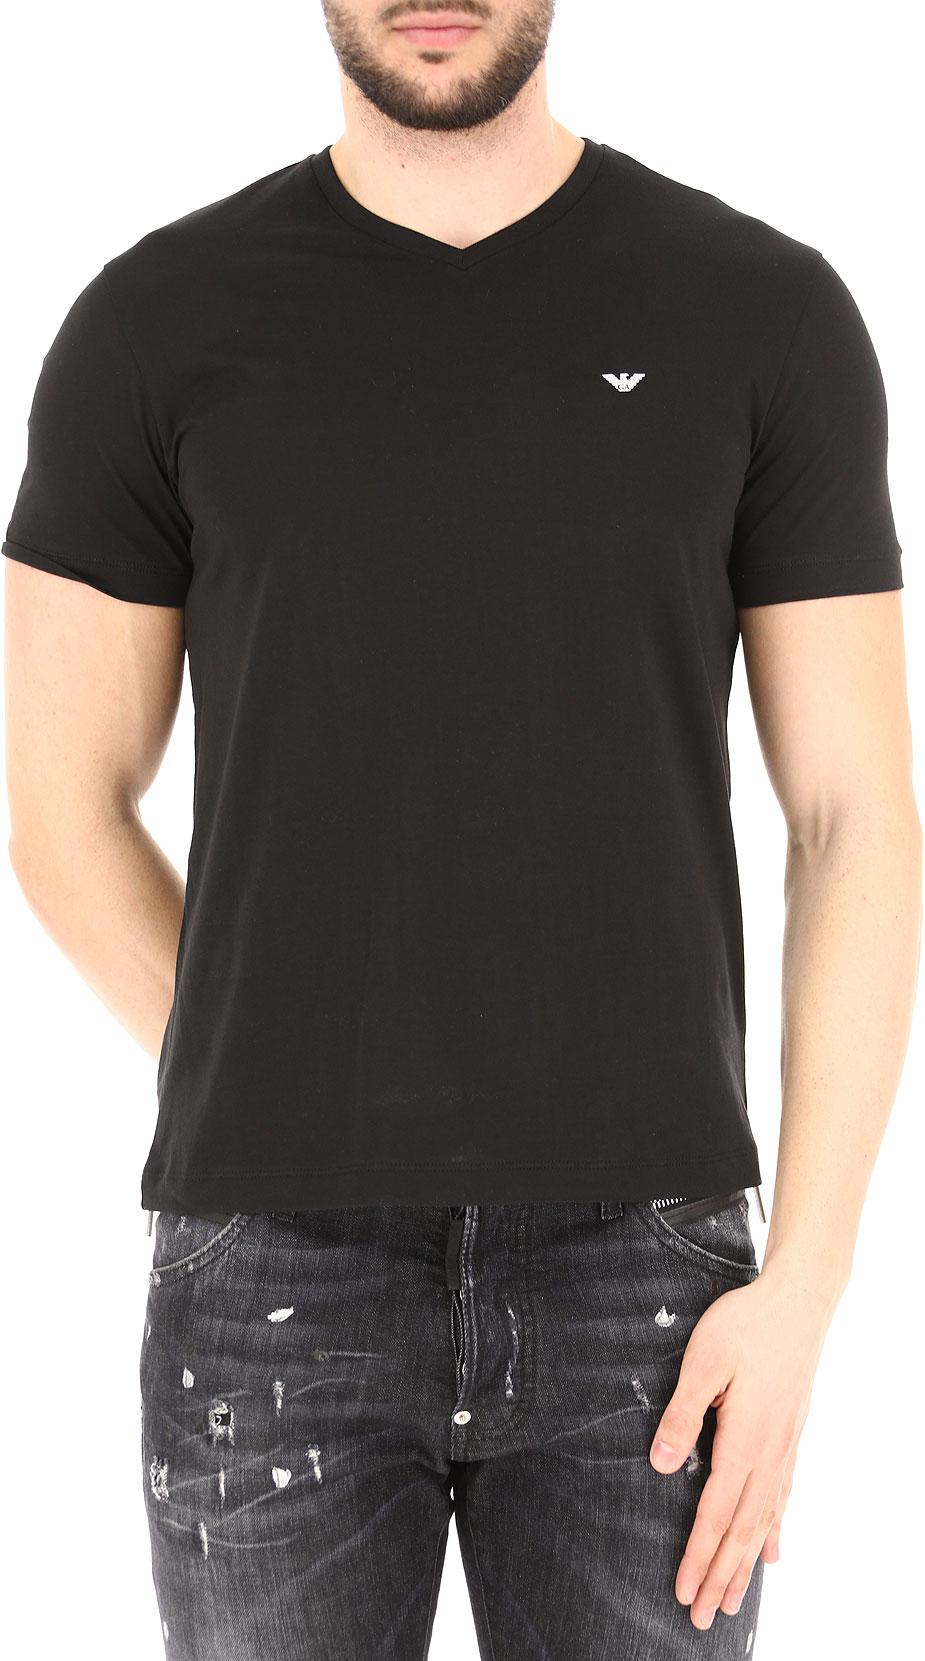 Abbigliamento Uomo Emporio Armani, Codice Articolo: 8n1d62-1jpzz-0999